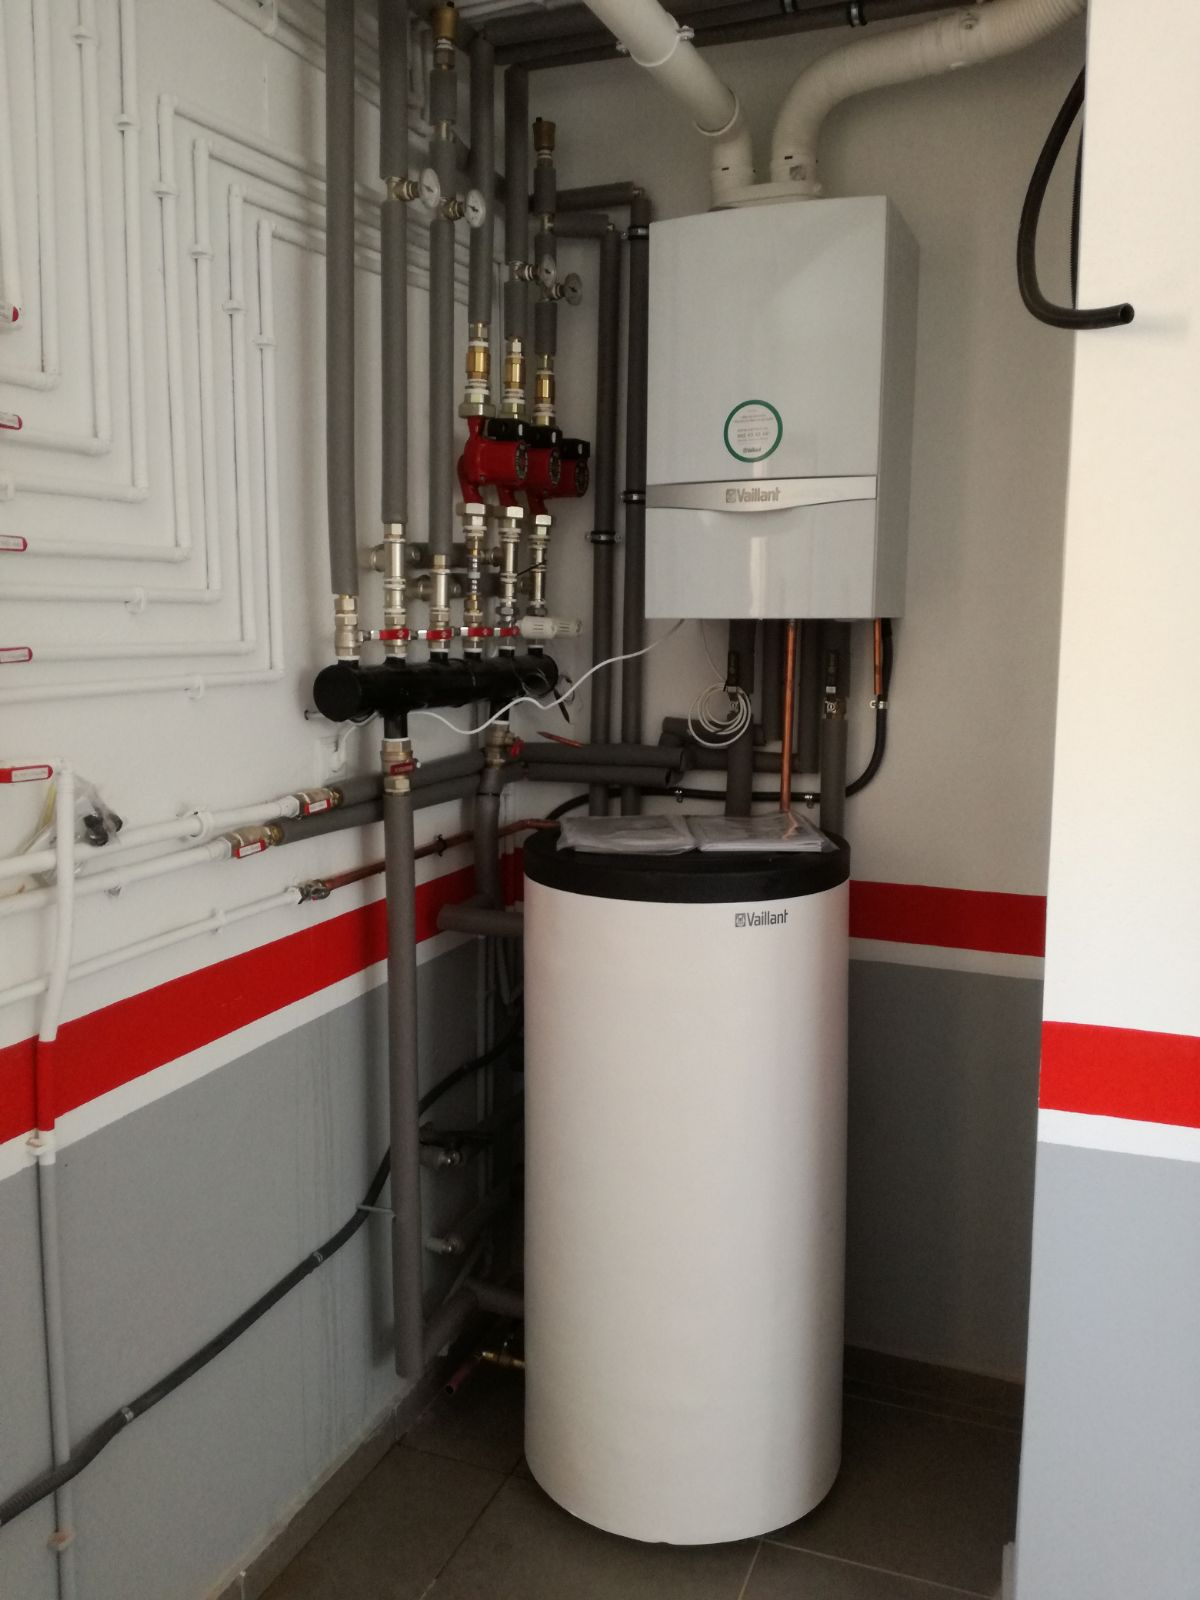 Instalaci n caldera de gas suelo radiante comeal for Caldera para suelo radiante